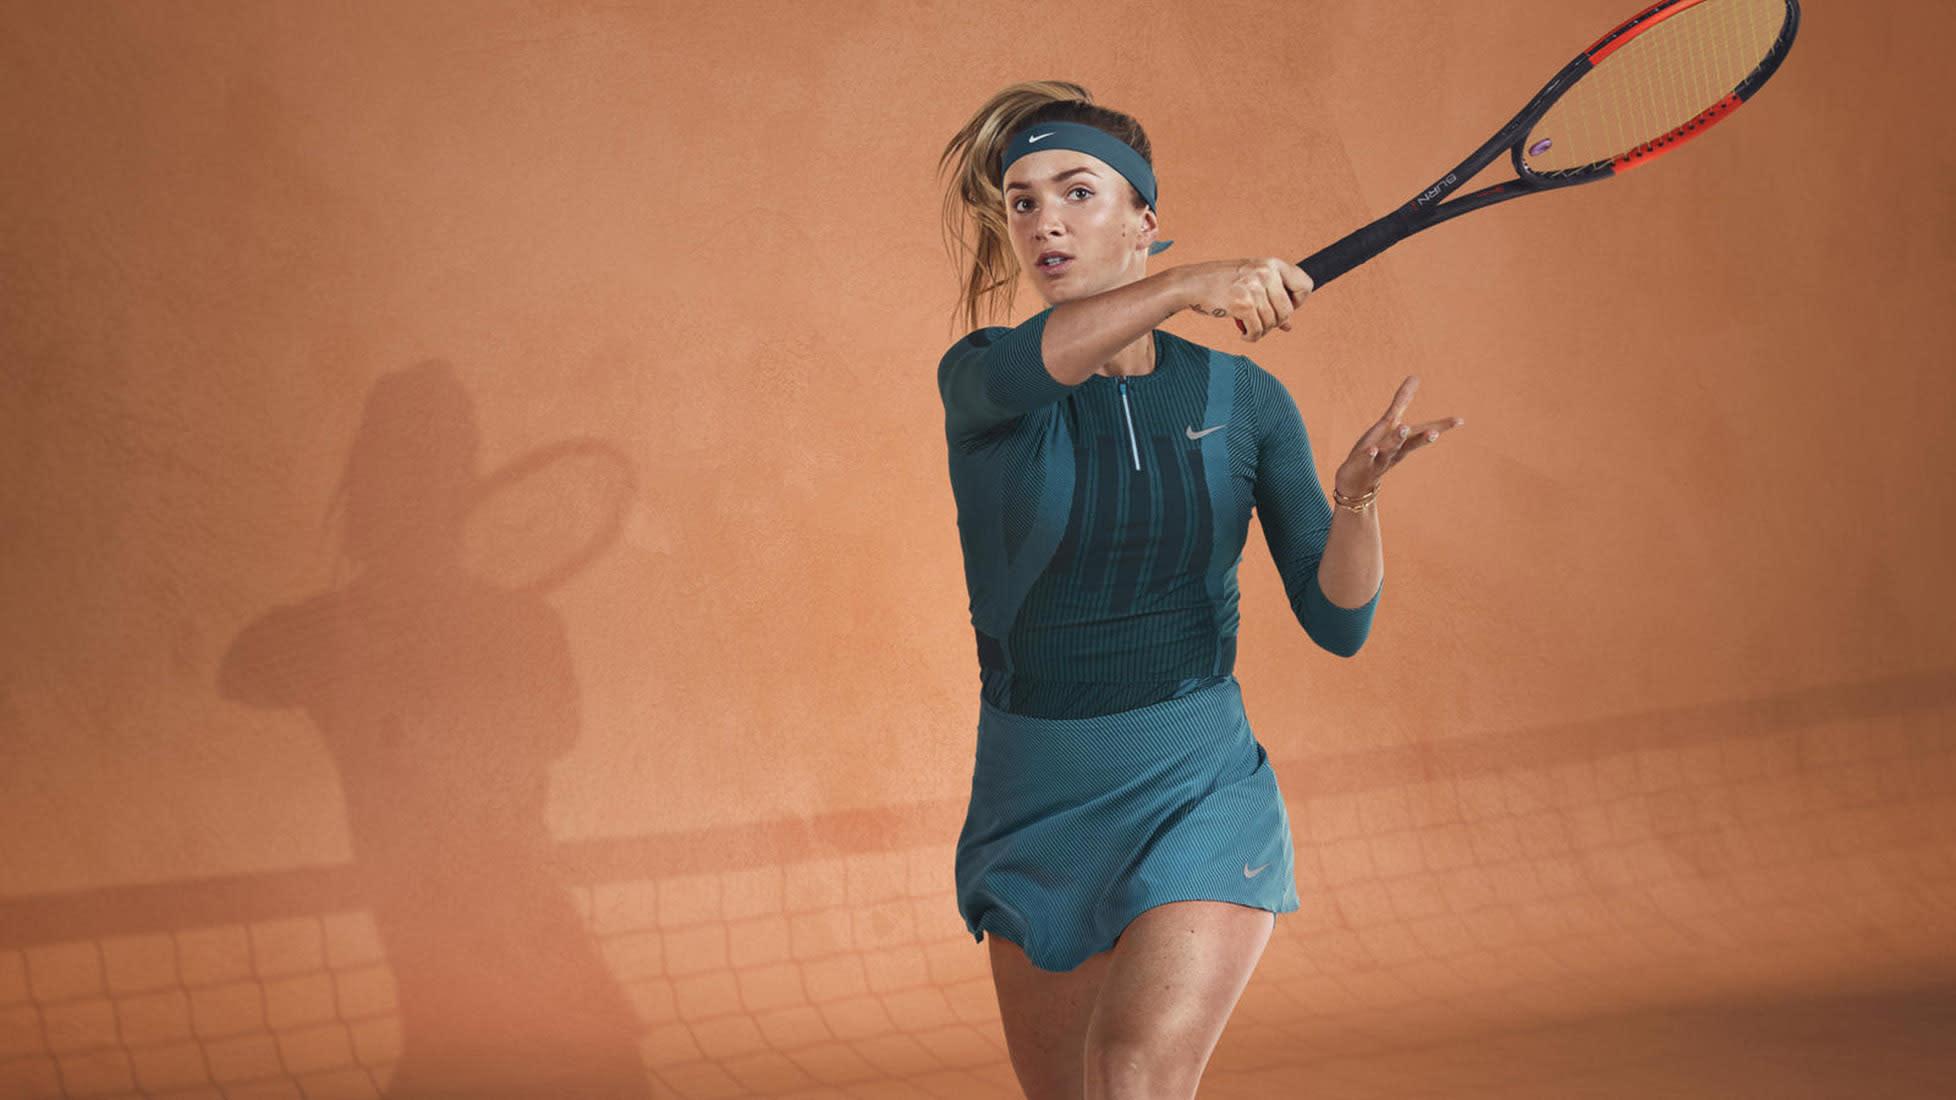 c5c95bd531 Nike unveils new NikeCourt Paris Tennis collection